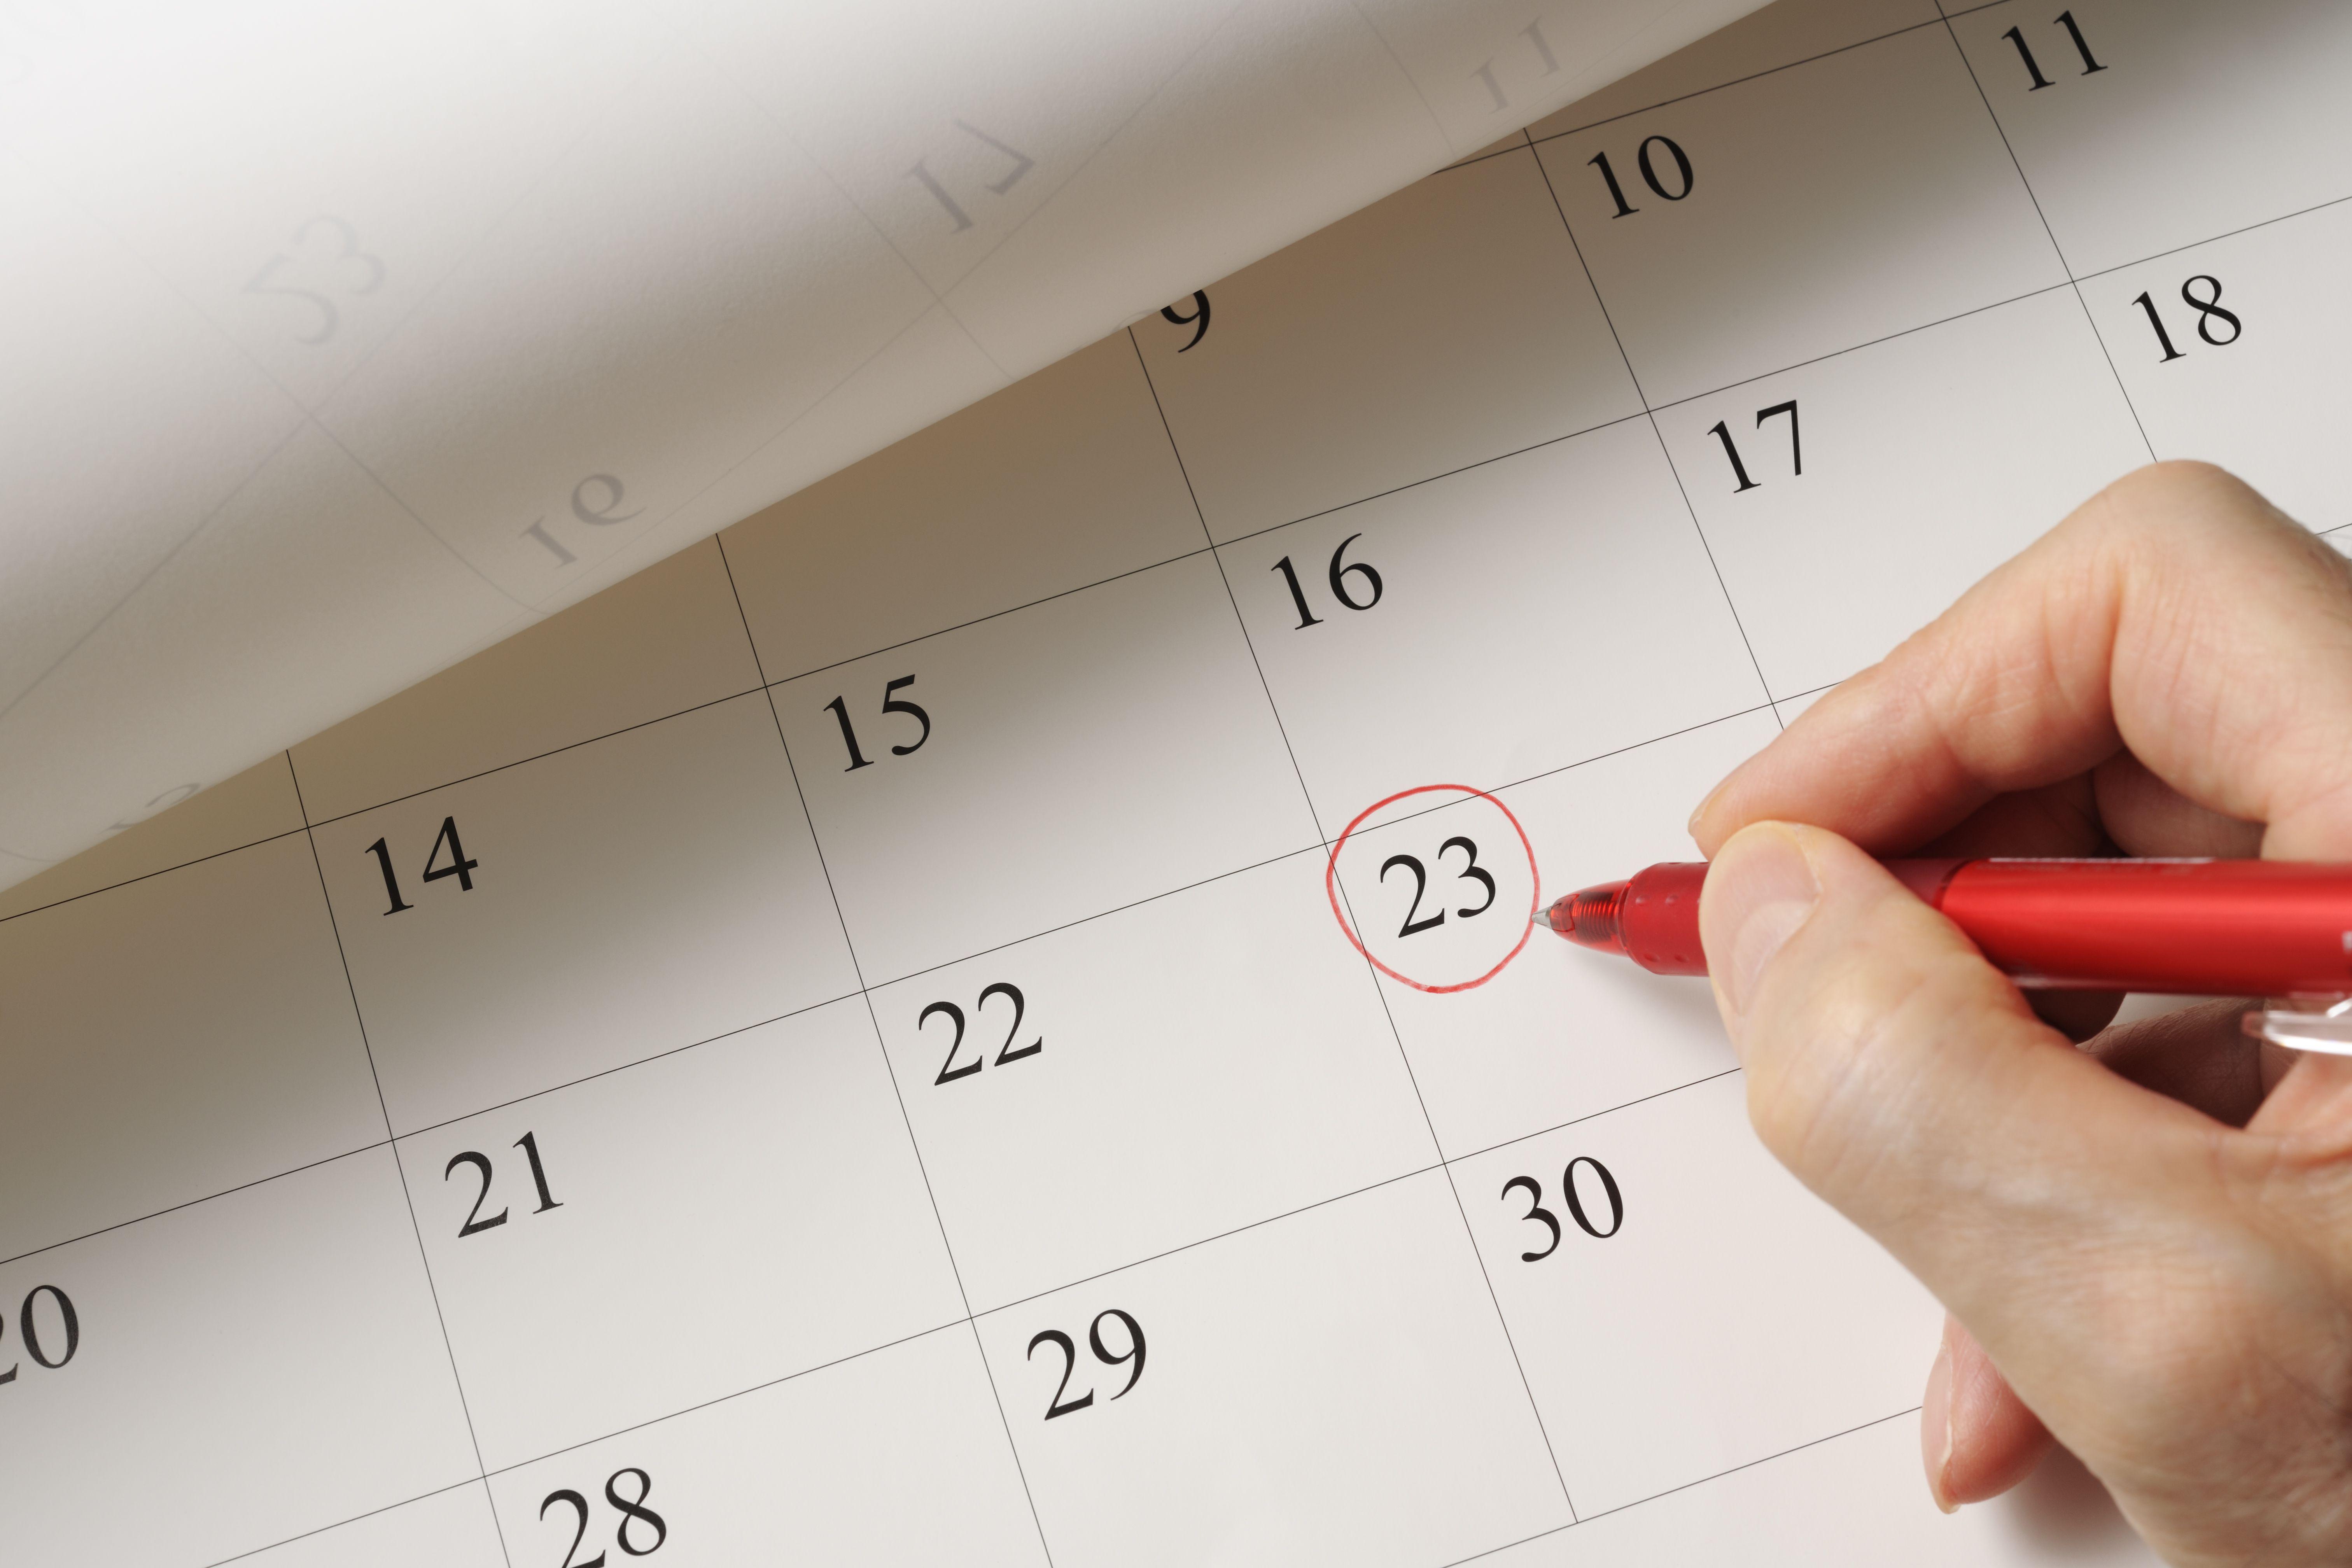 Establecer una fecha en el calendario con bolígrafo rojo